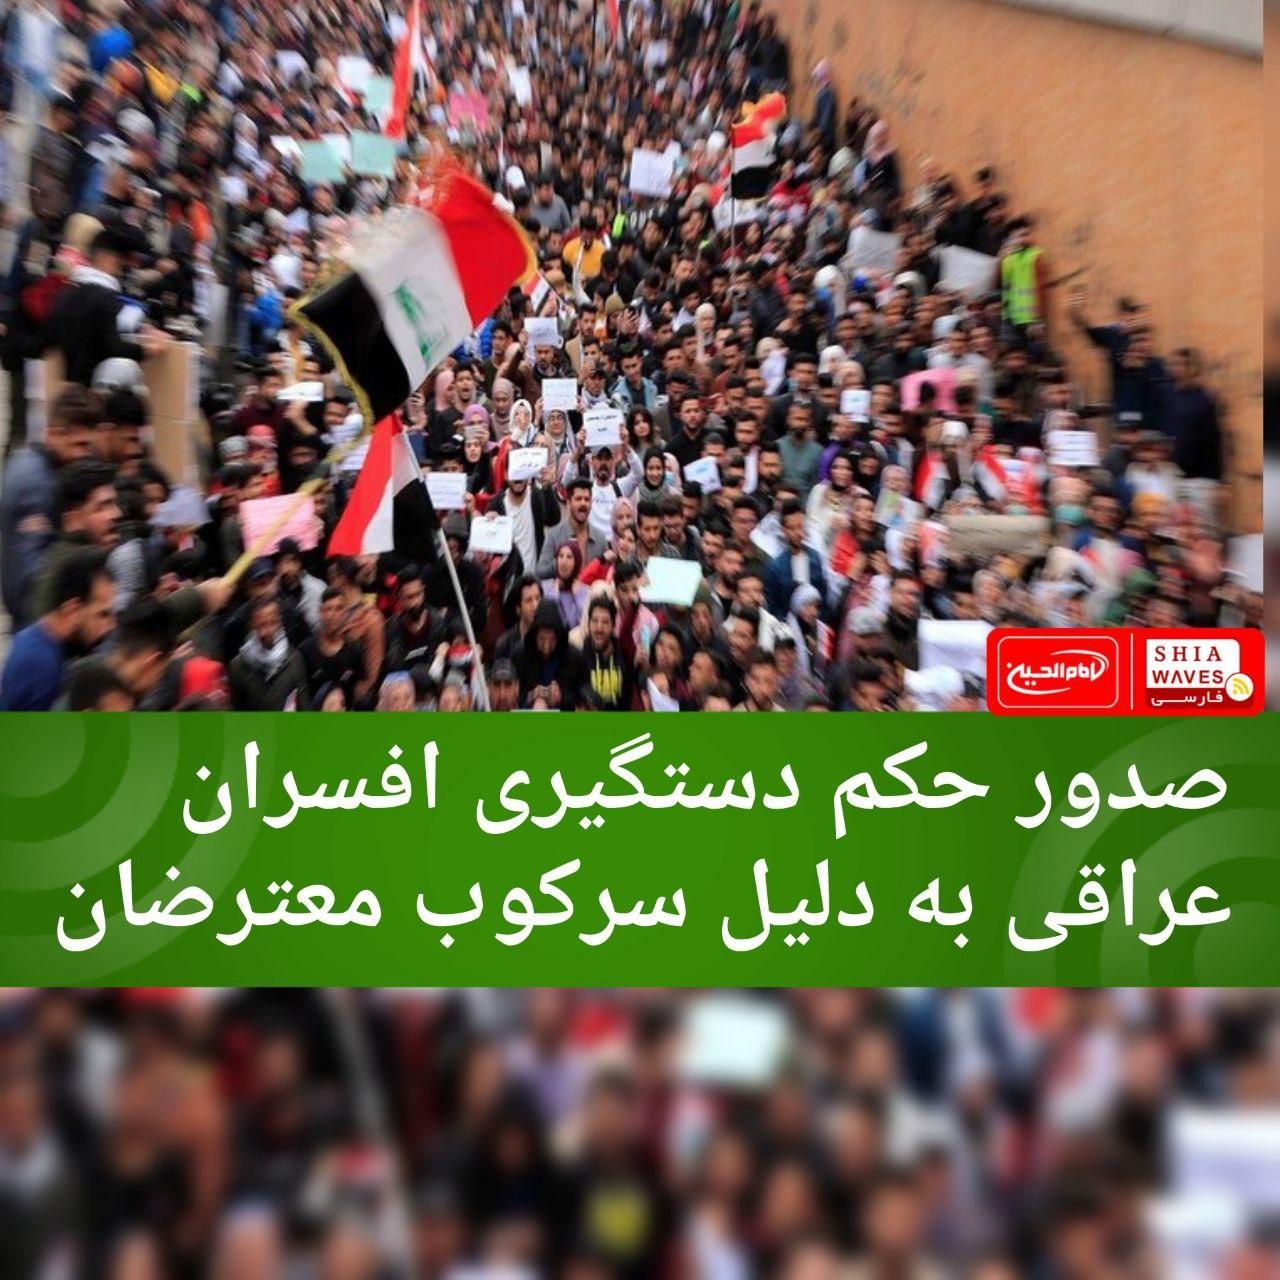 تصویر صدور حکم دستگیری افسران عراقی به دلیل سرکوب معترضان